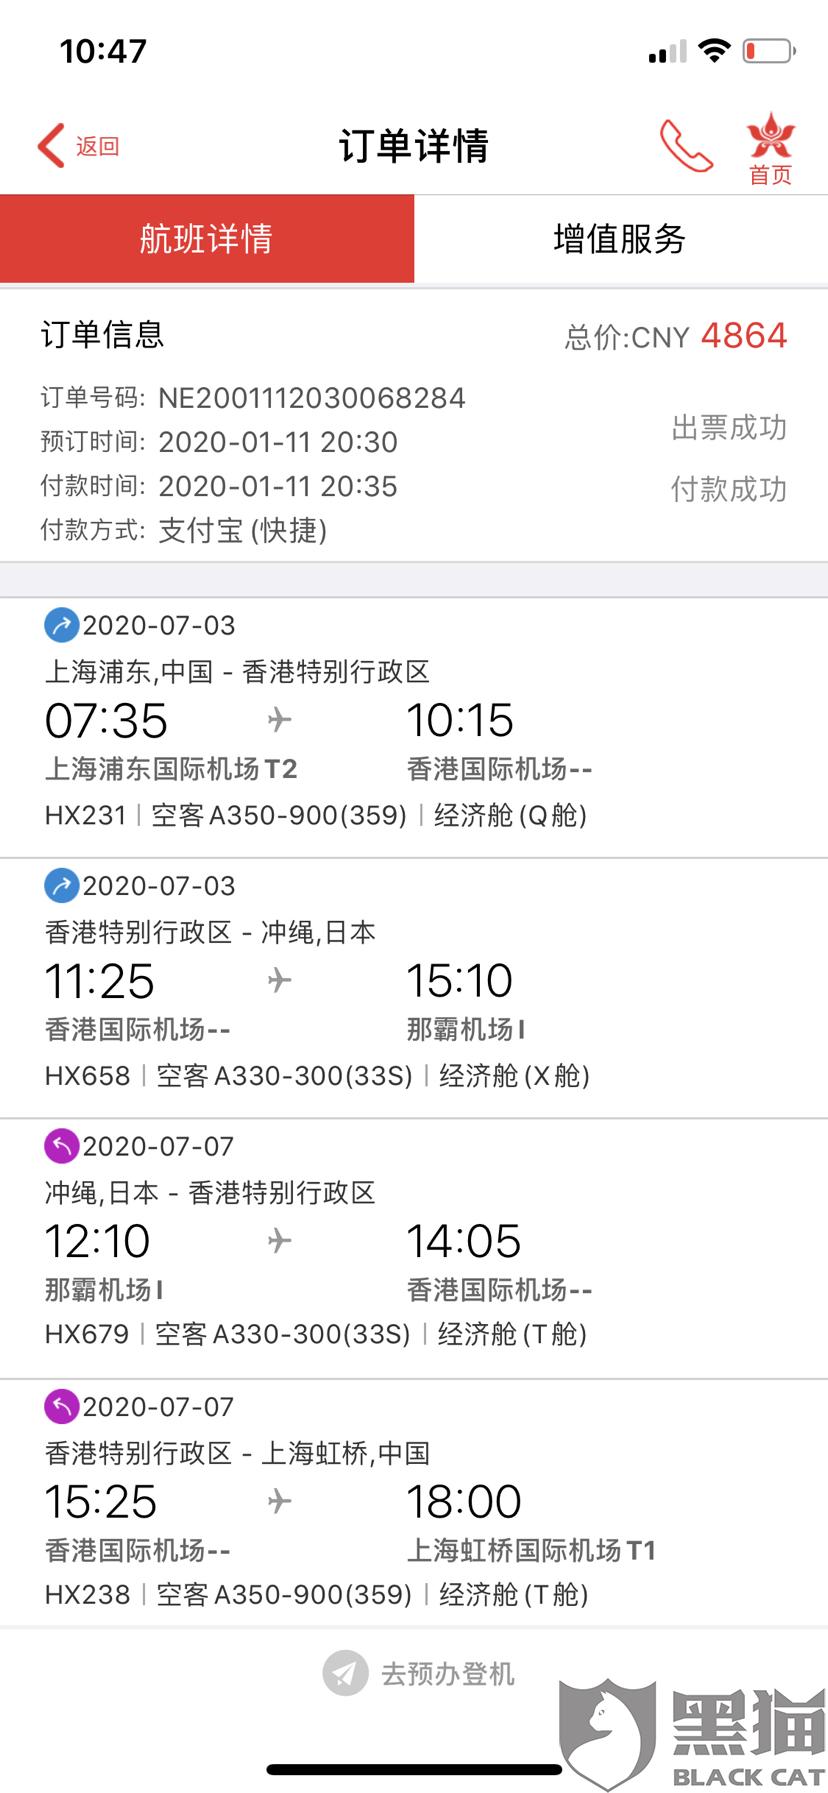 黑猫投诉:香港航空6-8周未按时退款